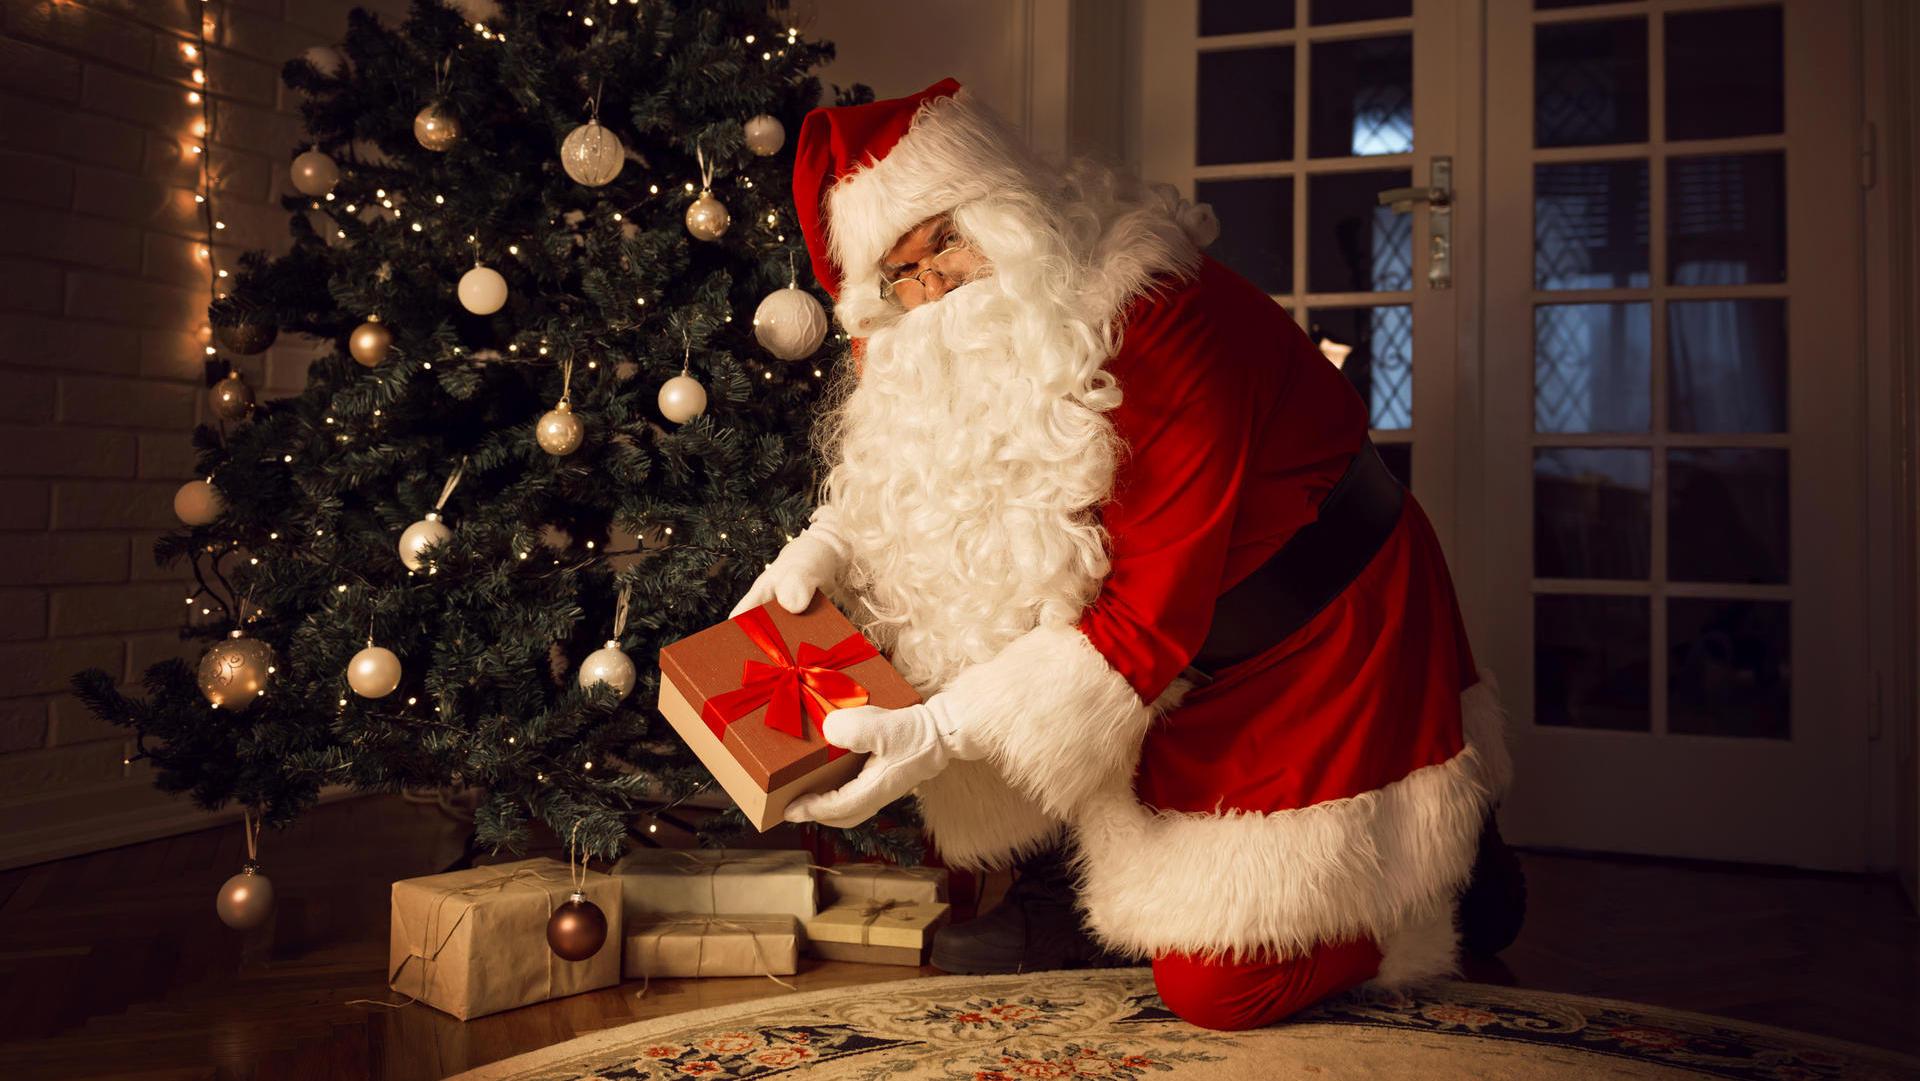 Christkind Oder Weihnachtsmann – Wer Bringt Die Geschenke? bestimmt für Weihnachtsmann Kinder